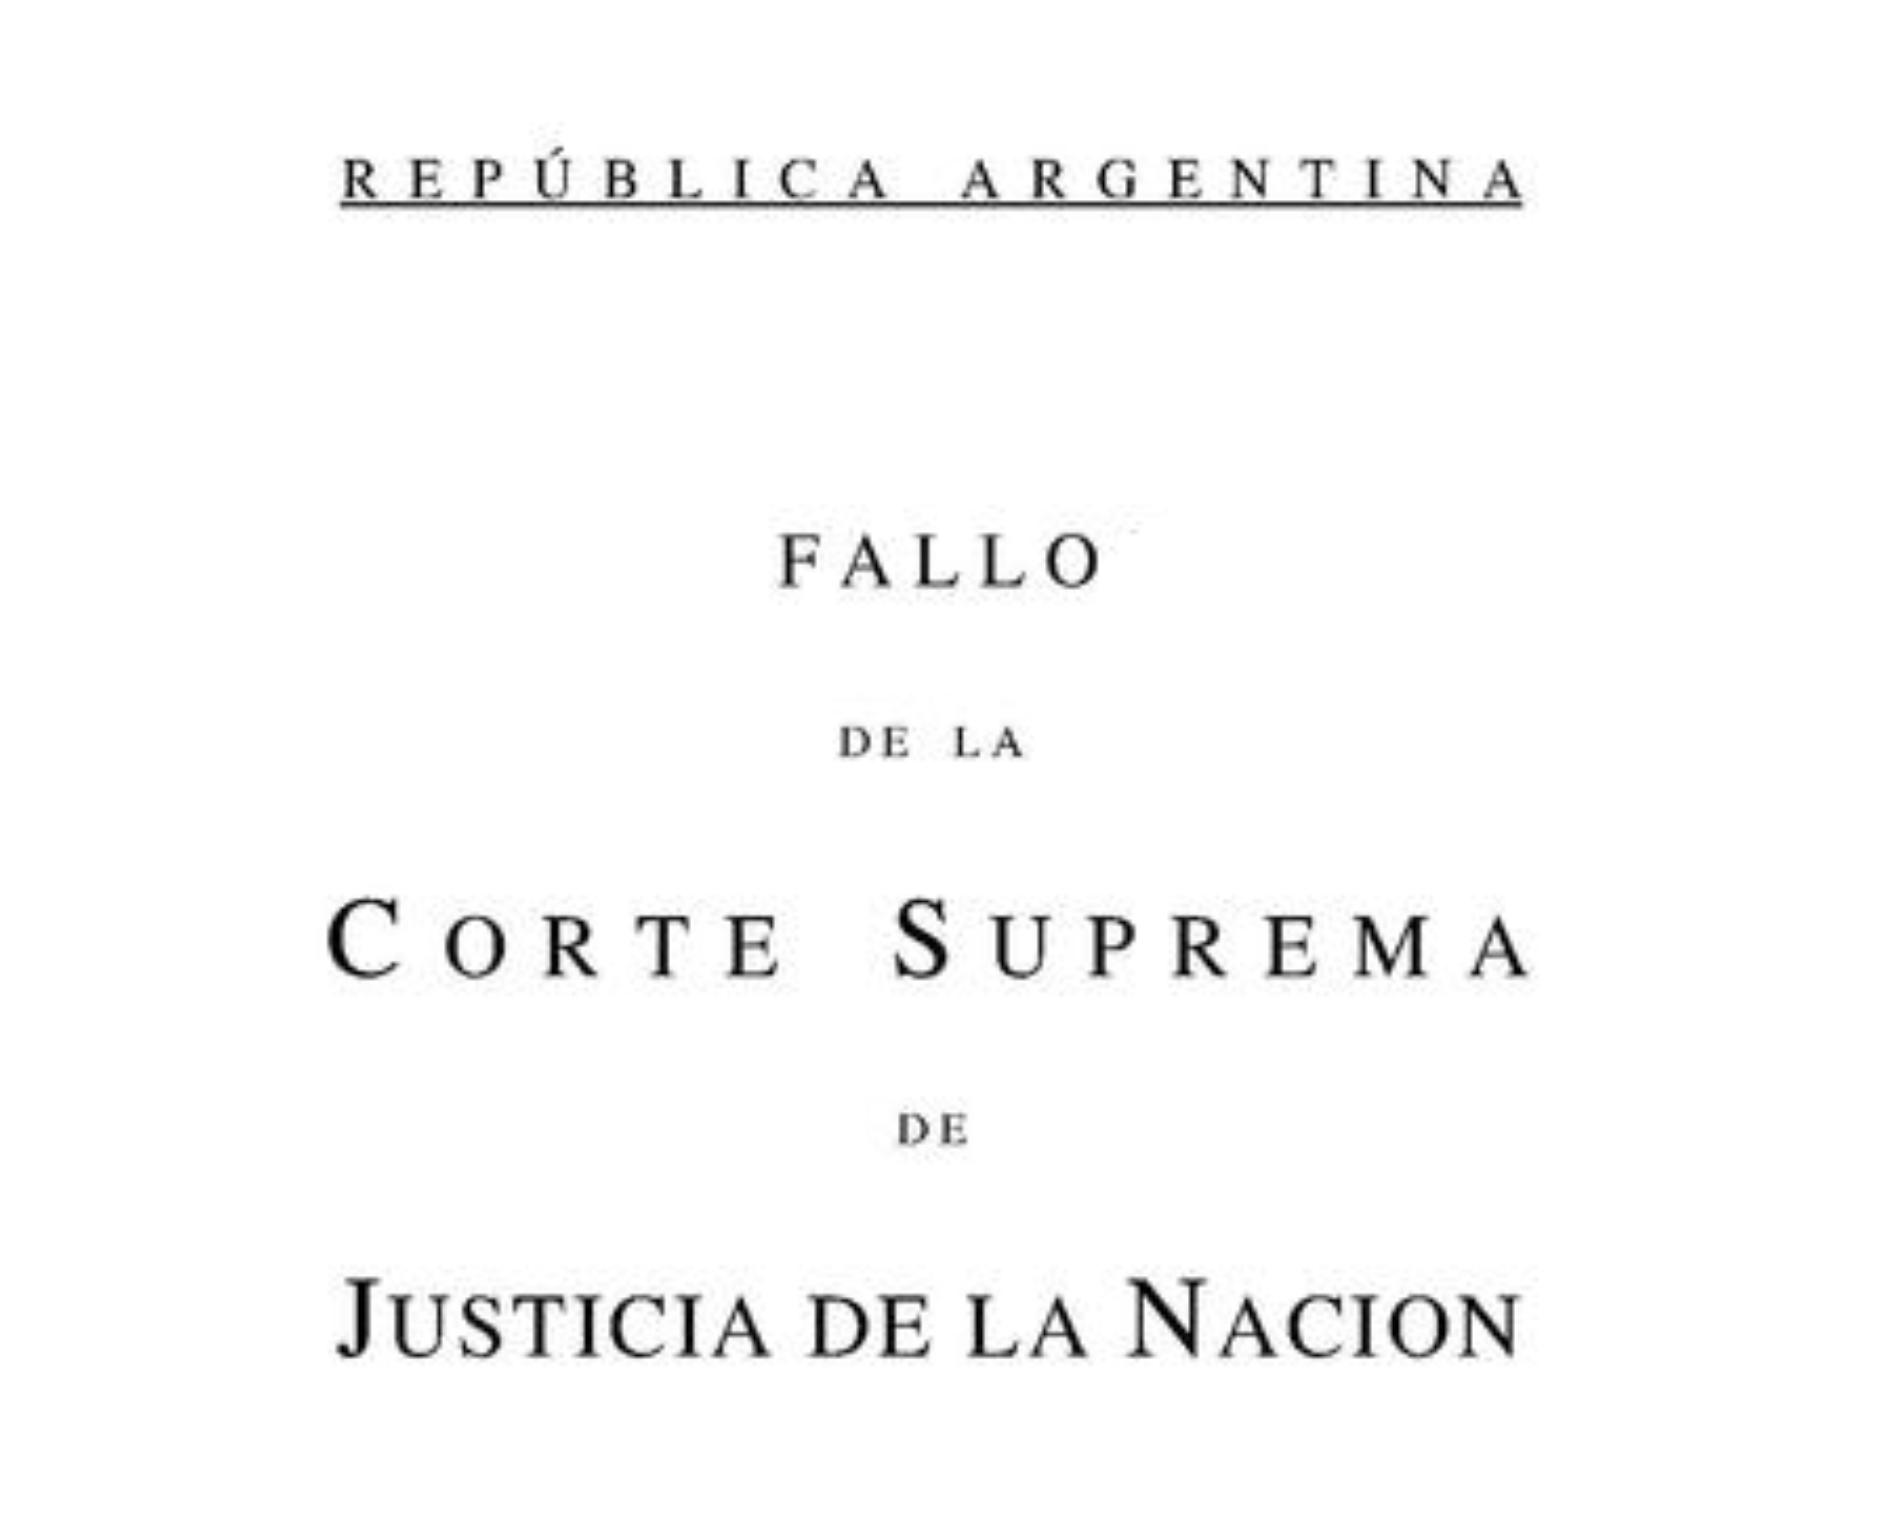 NOVEDAD: Fallo C.S.J.N. s/ juicio por jurados